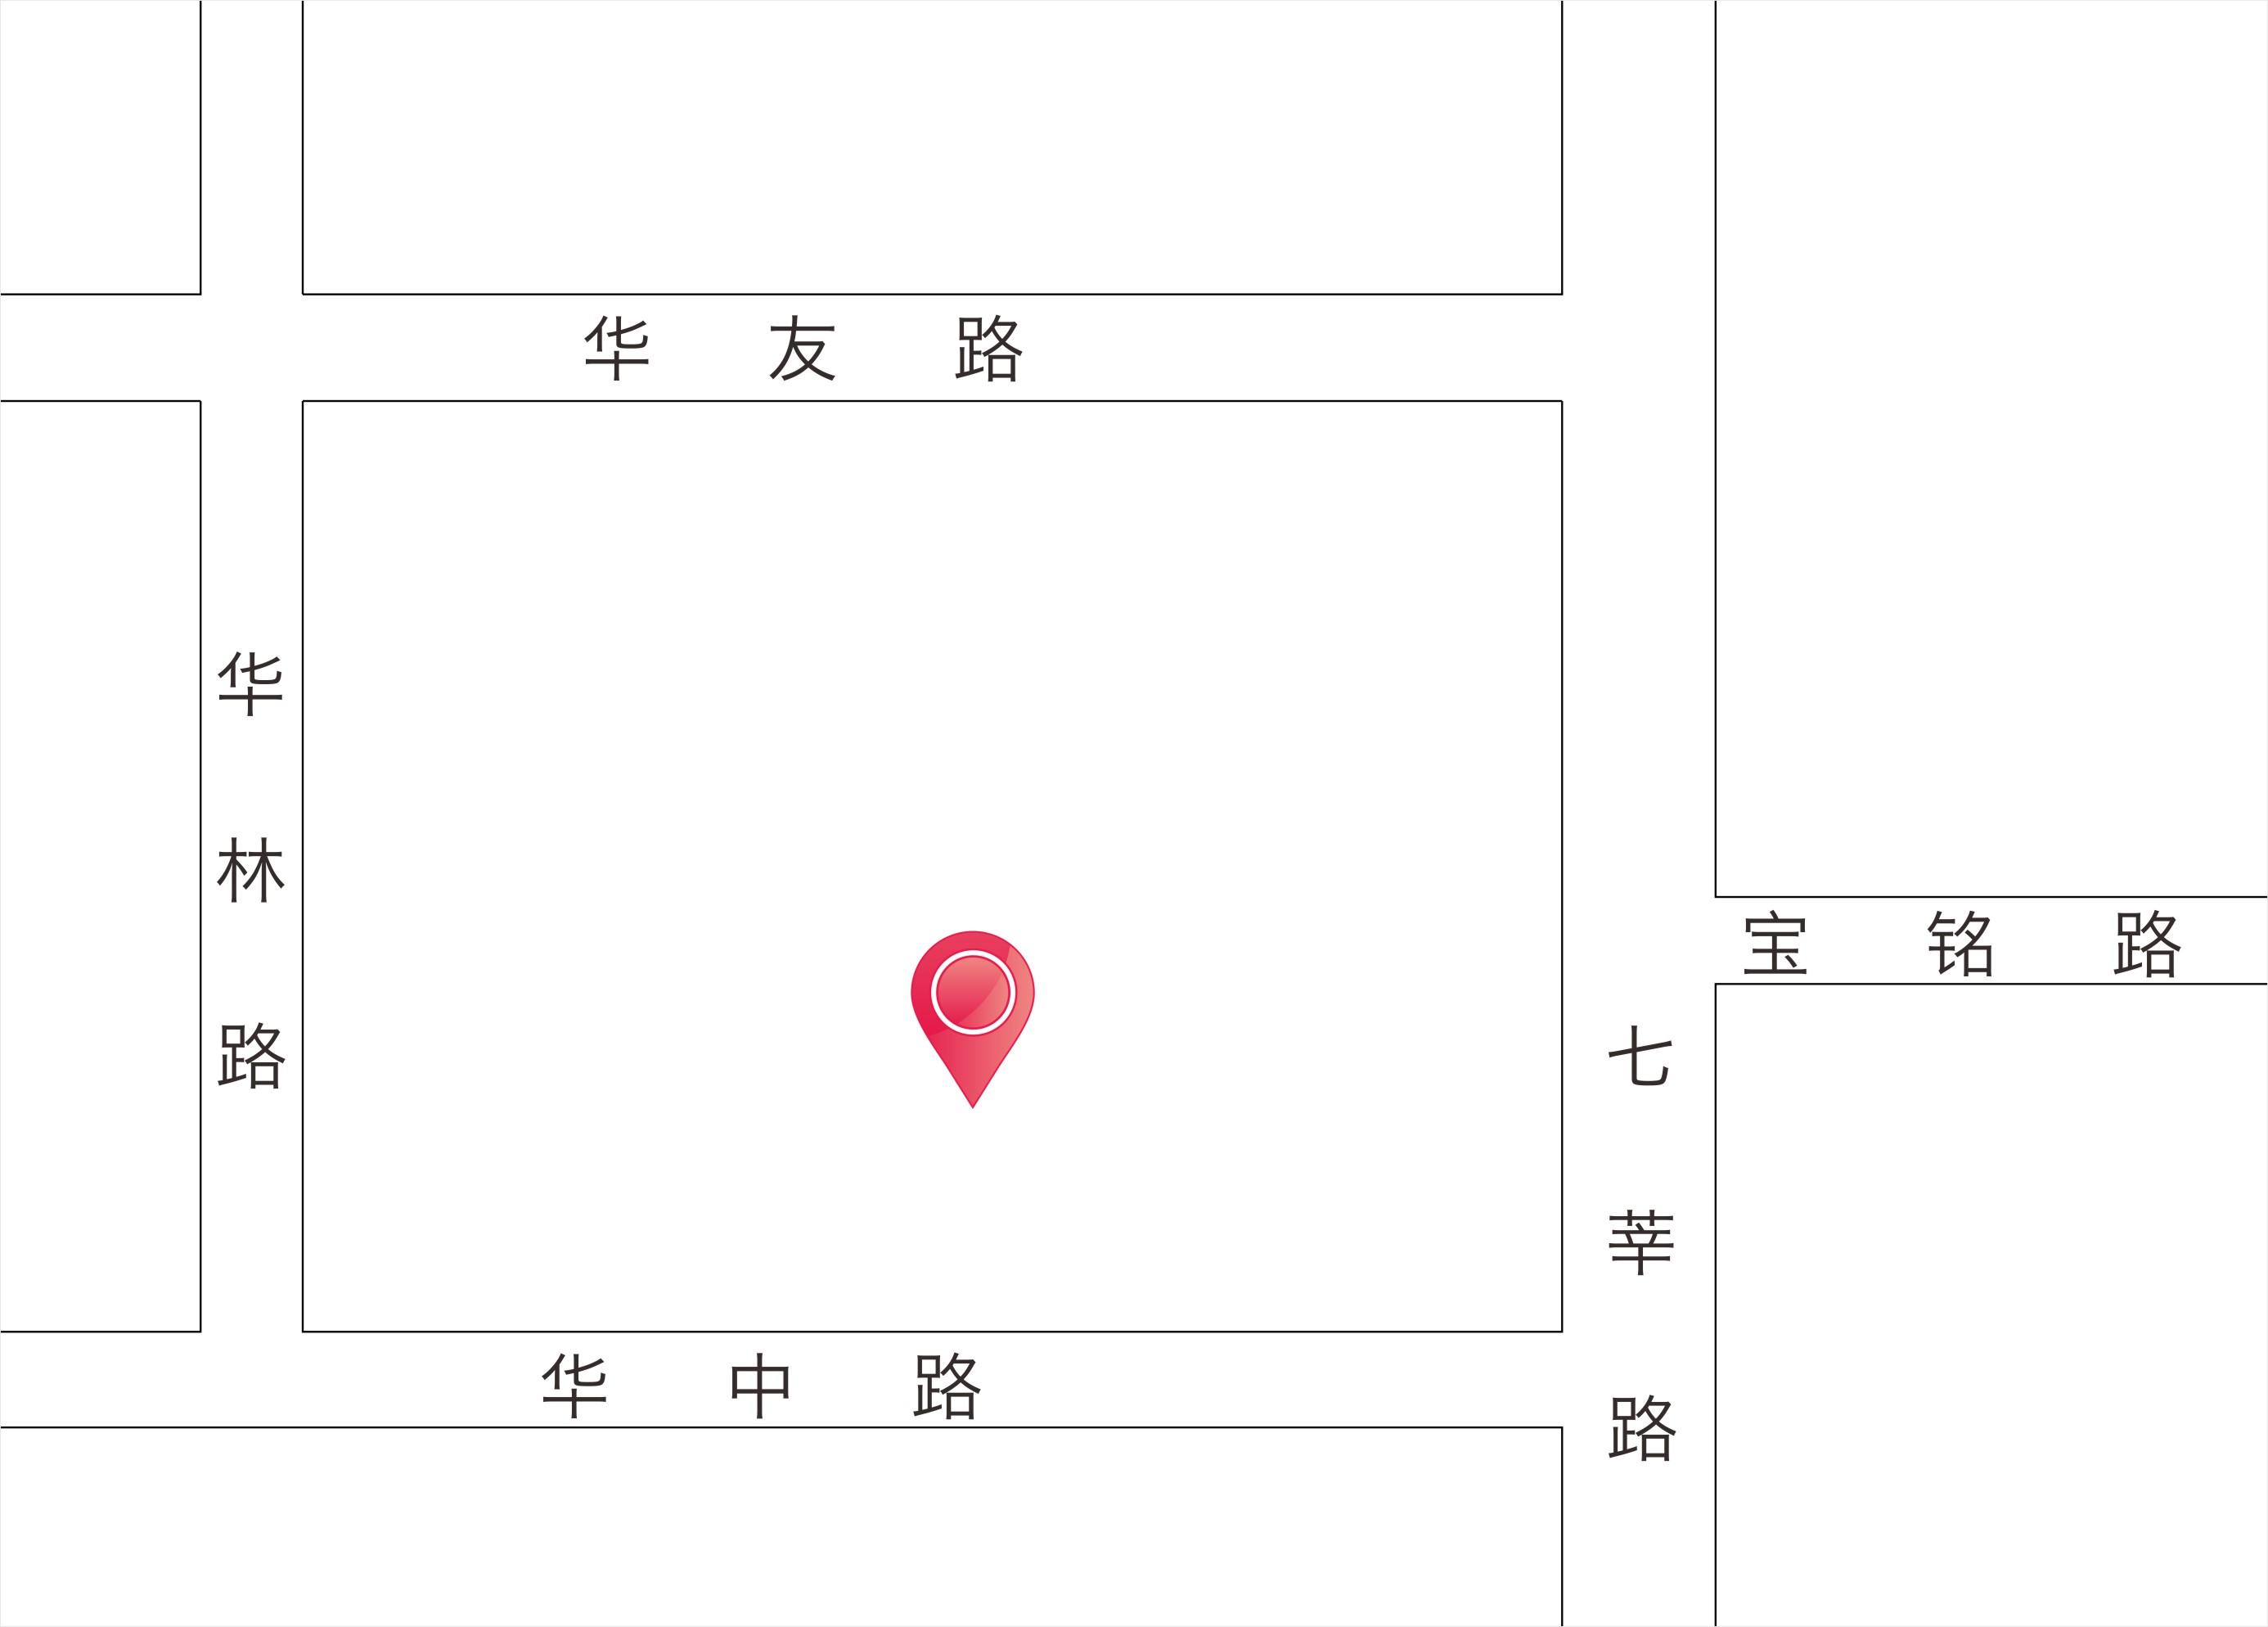 微信公司地图.cdr_0001.JPG